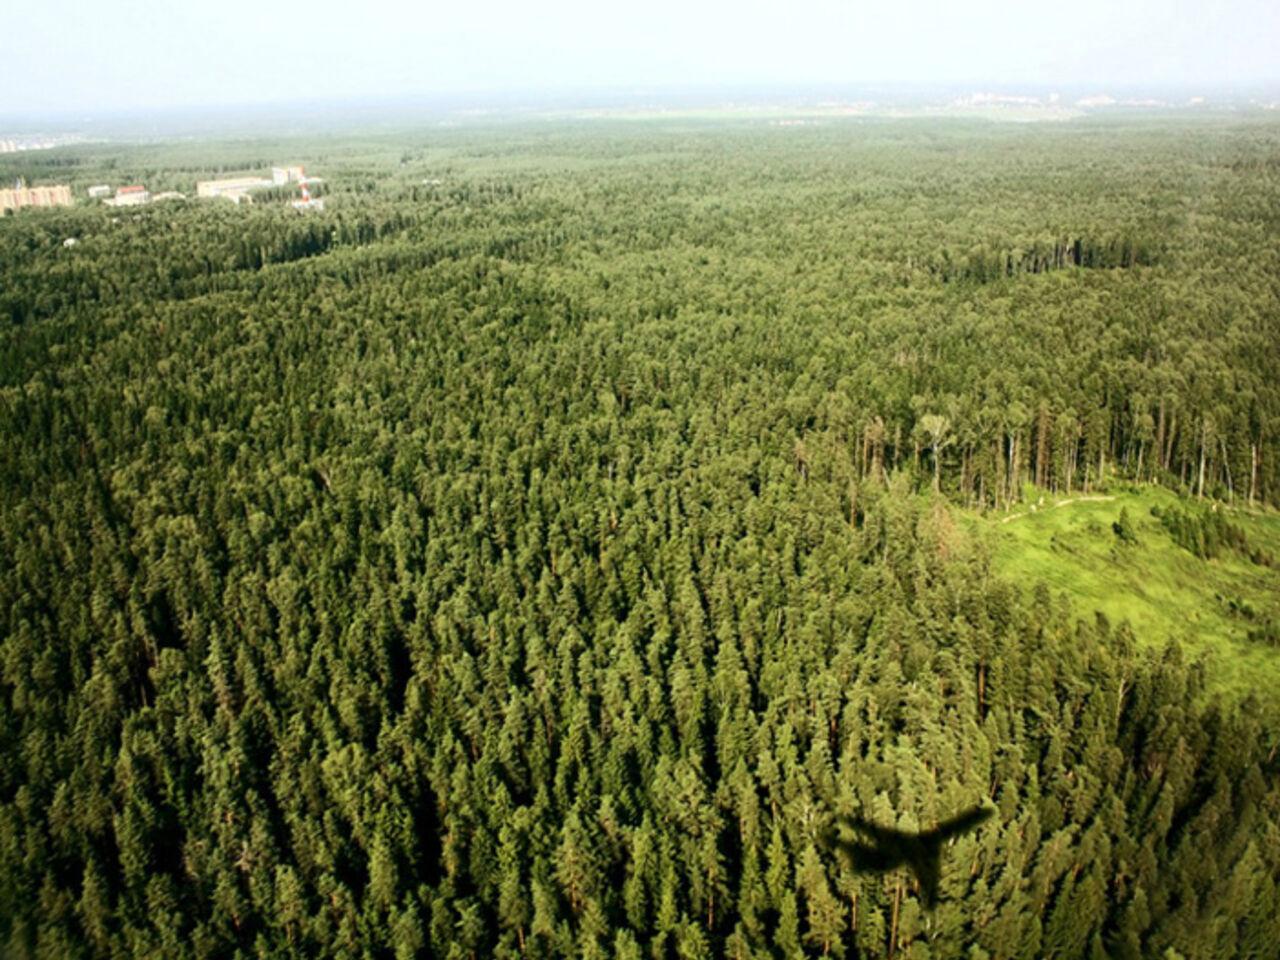 ВAir France раскрыли причину слива топлива над лесом встолице франции